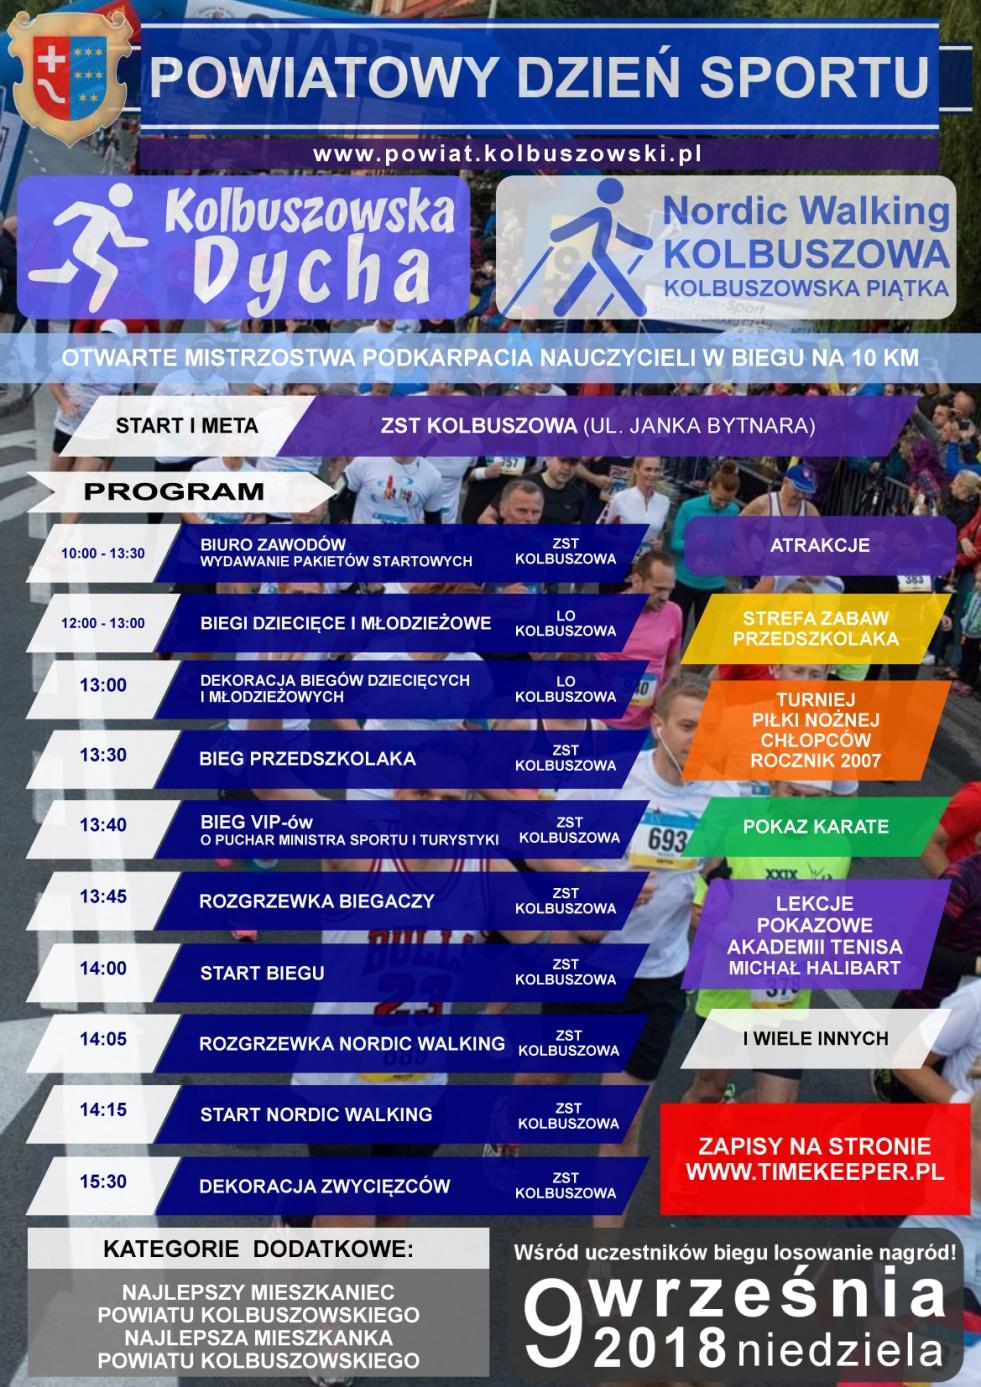 Kolbuszowa. Wkrótce Powiatowy Dzień Sportu! Bieg Kolbuszowska Dycha, Nordic Walking i inne konkurencje - Zdjęcie główne